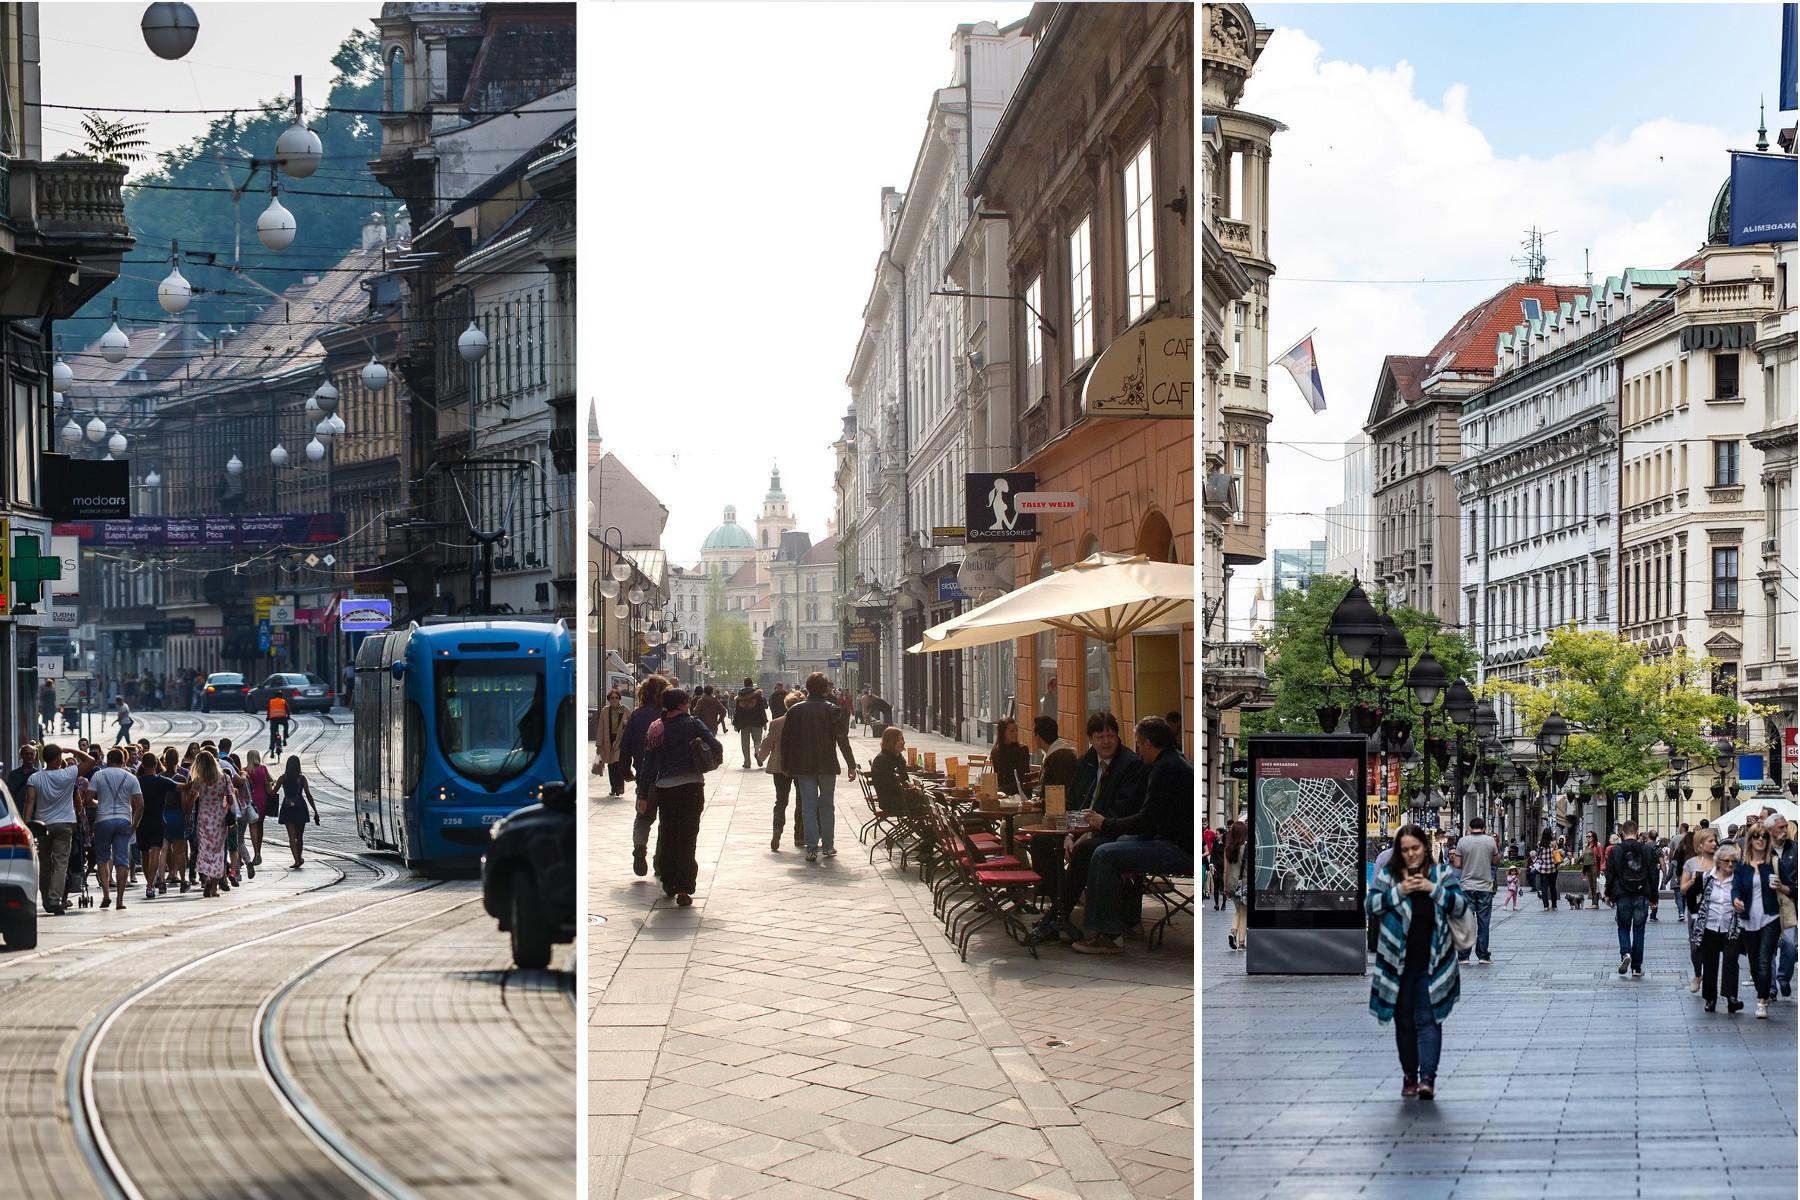 Ilica (Zagreb), Čopova ulica (Ljubljana), Knez Mihailova (Beograd)